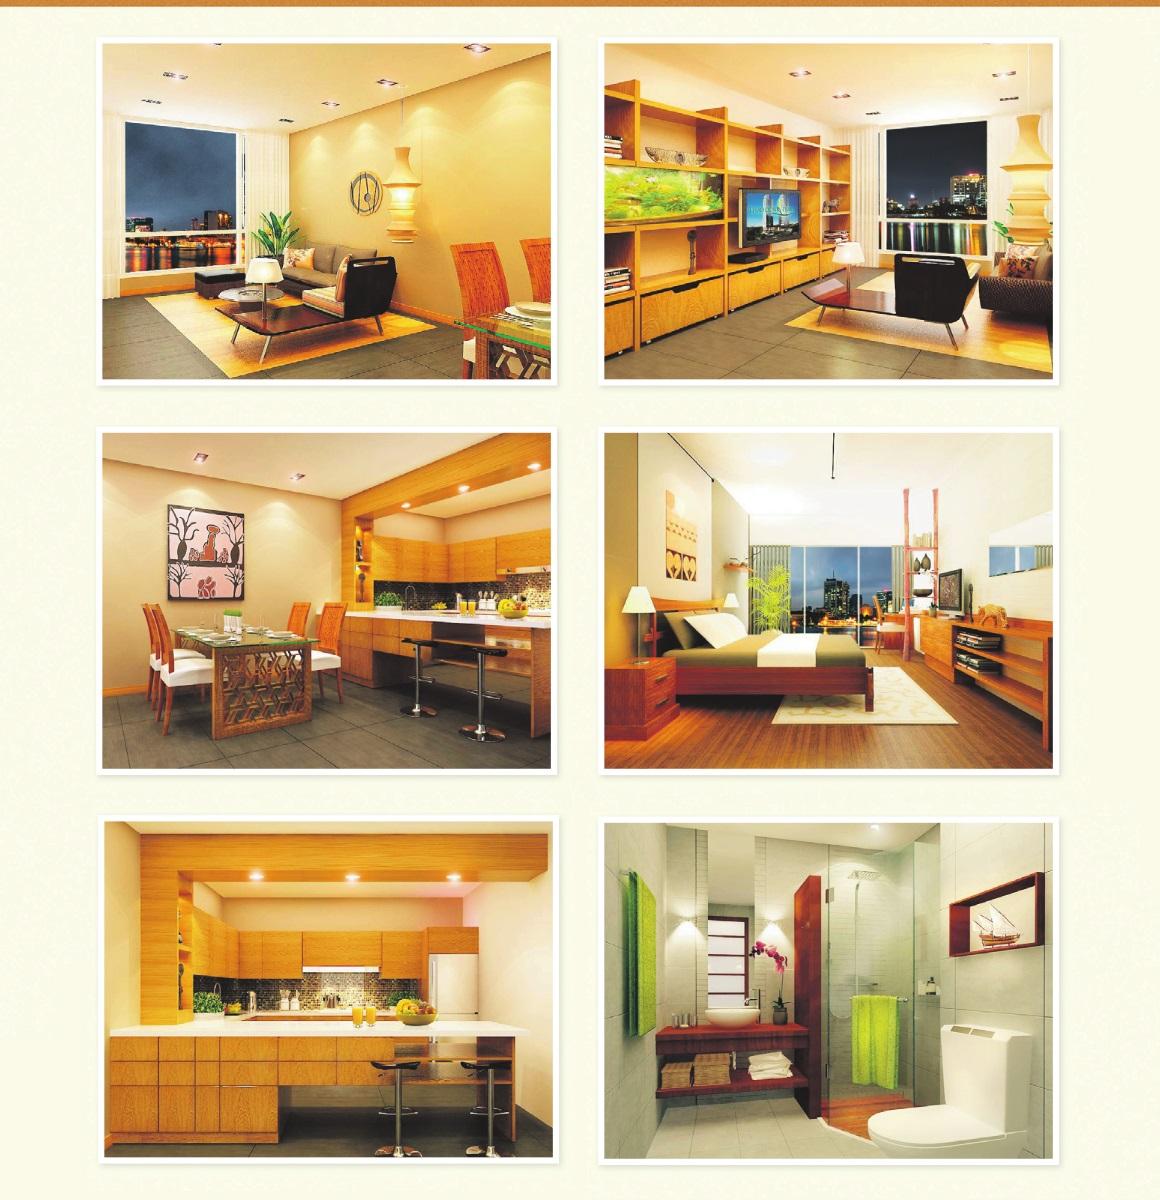 Chung cư cao cấp Thảo Điền Pearl cho thuê – khu đô thị chức năng thành phố